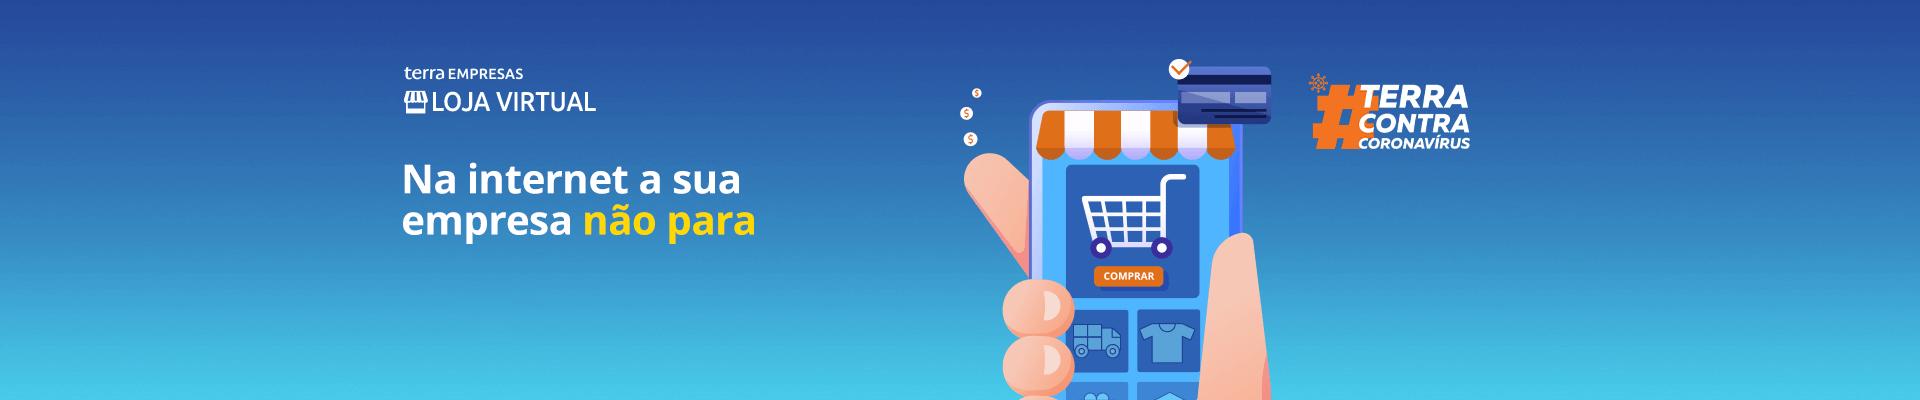 Loja virtual (oferta) – Desktop